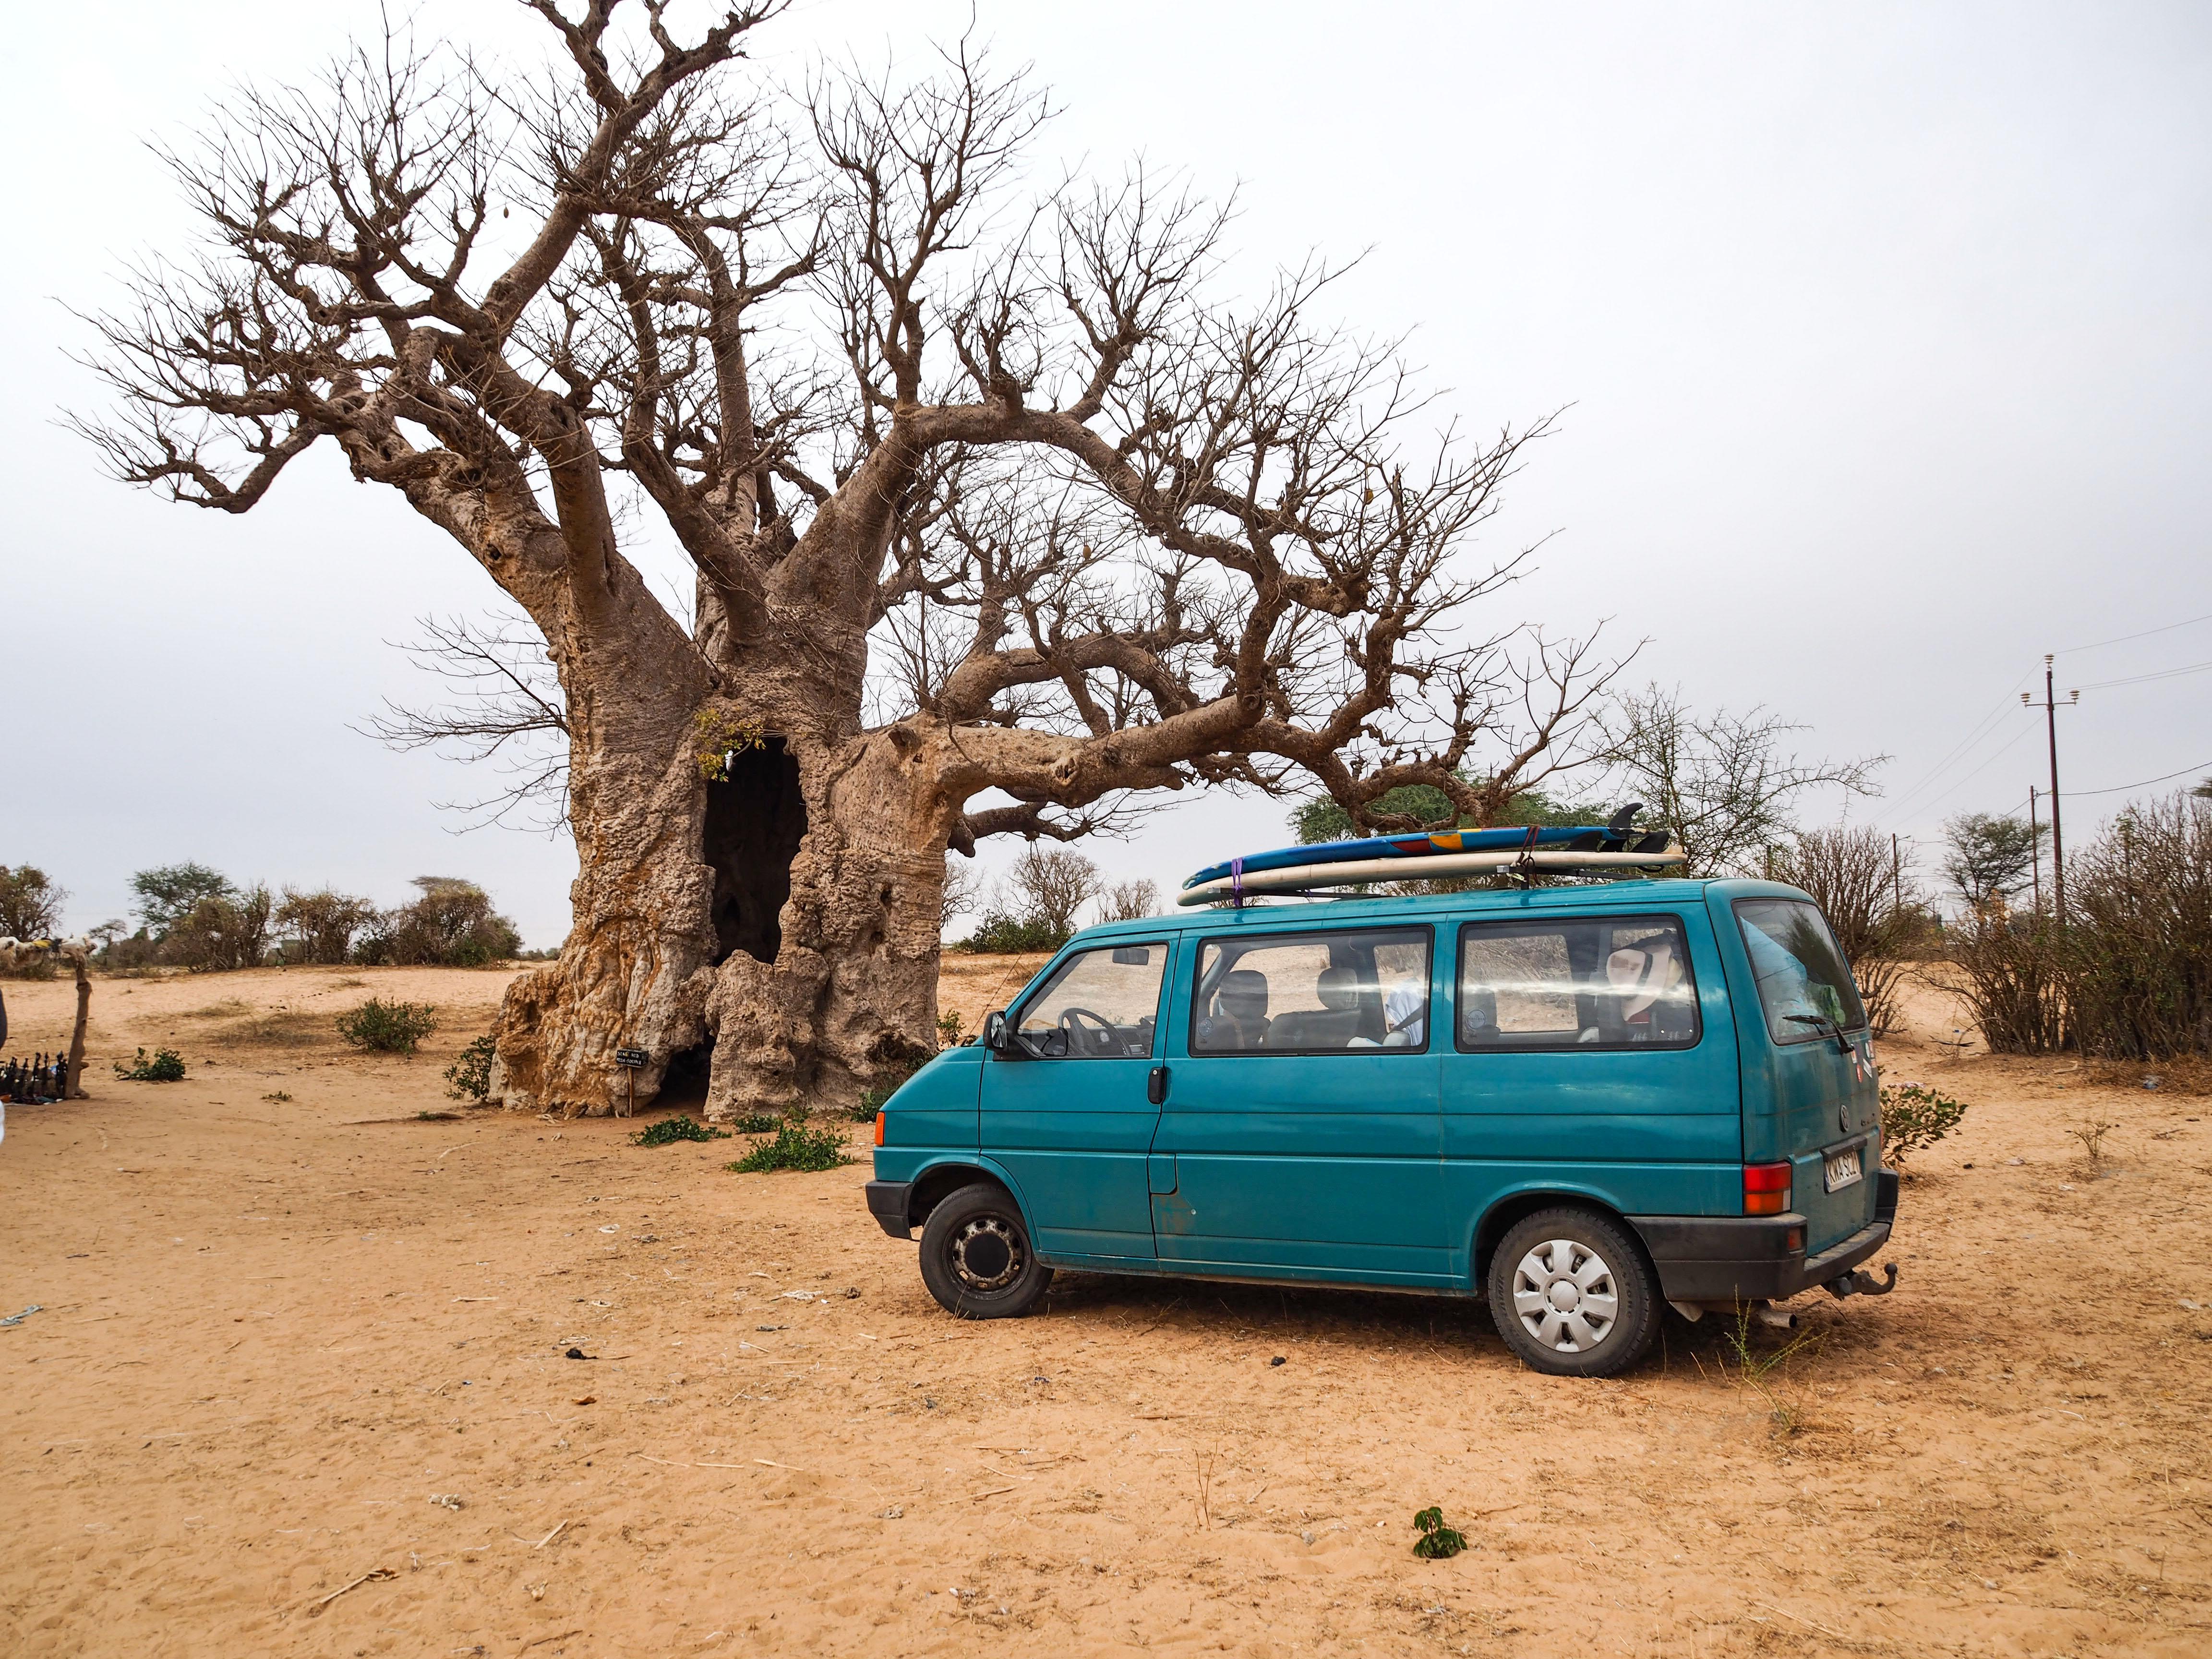 African Road Trip, HollyCiw, Senegal, Baobab, Martyna Skura, lifein20kg